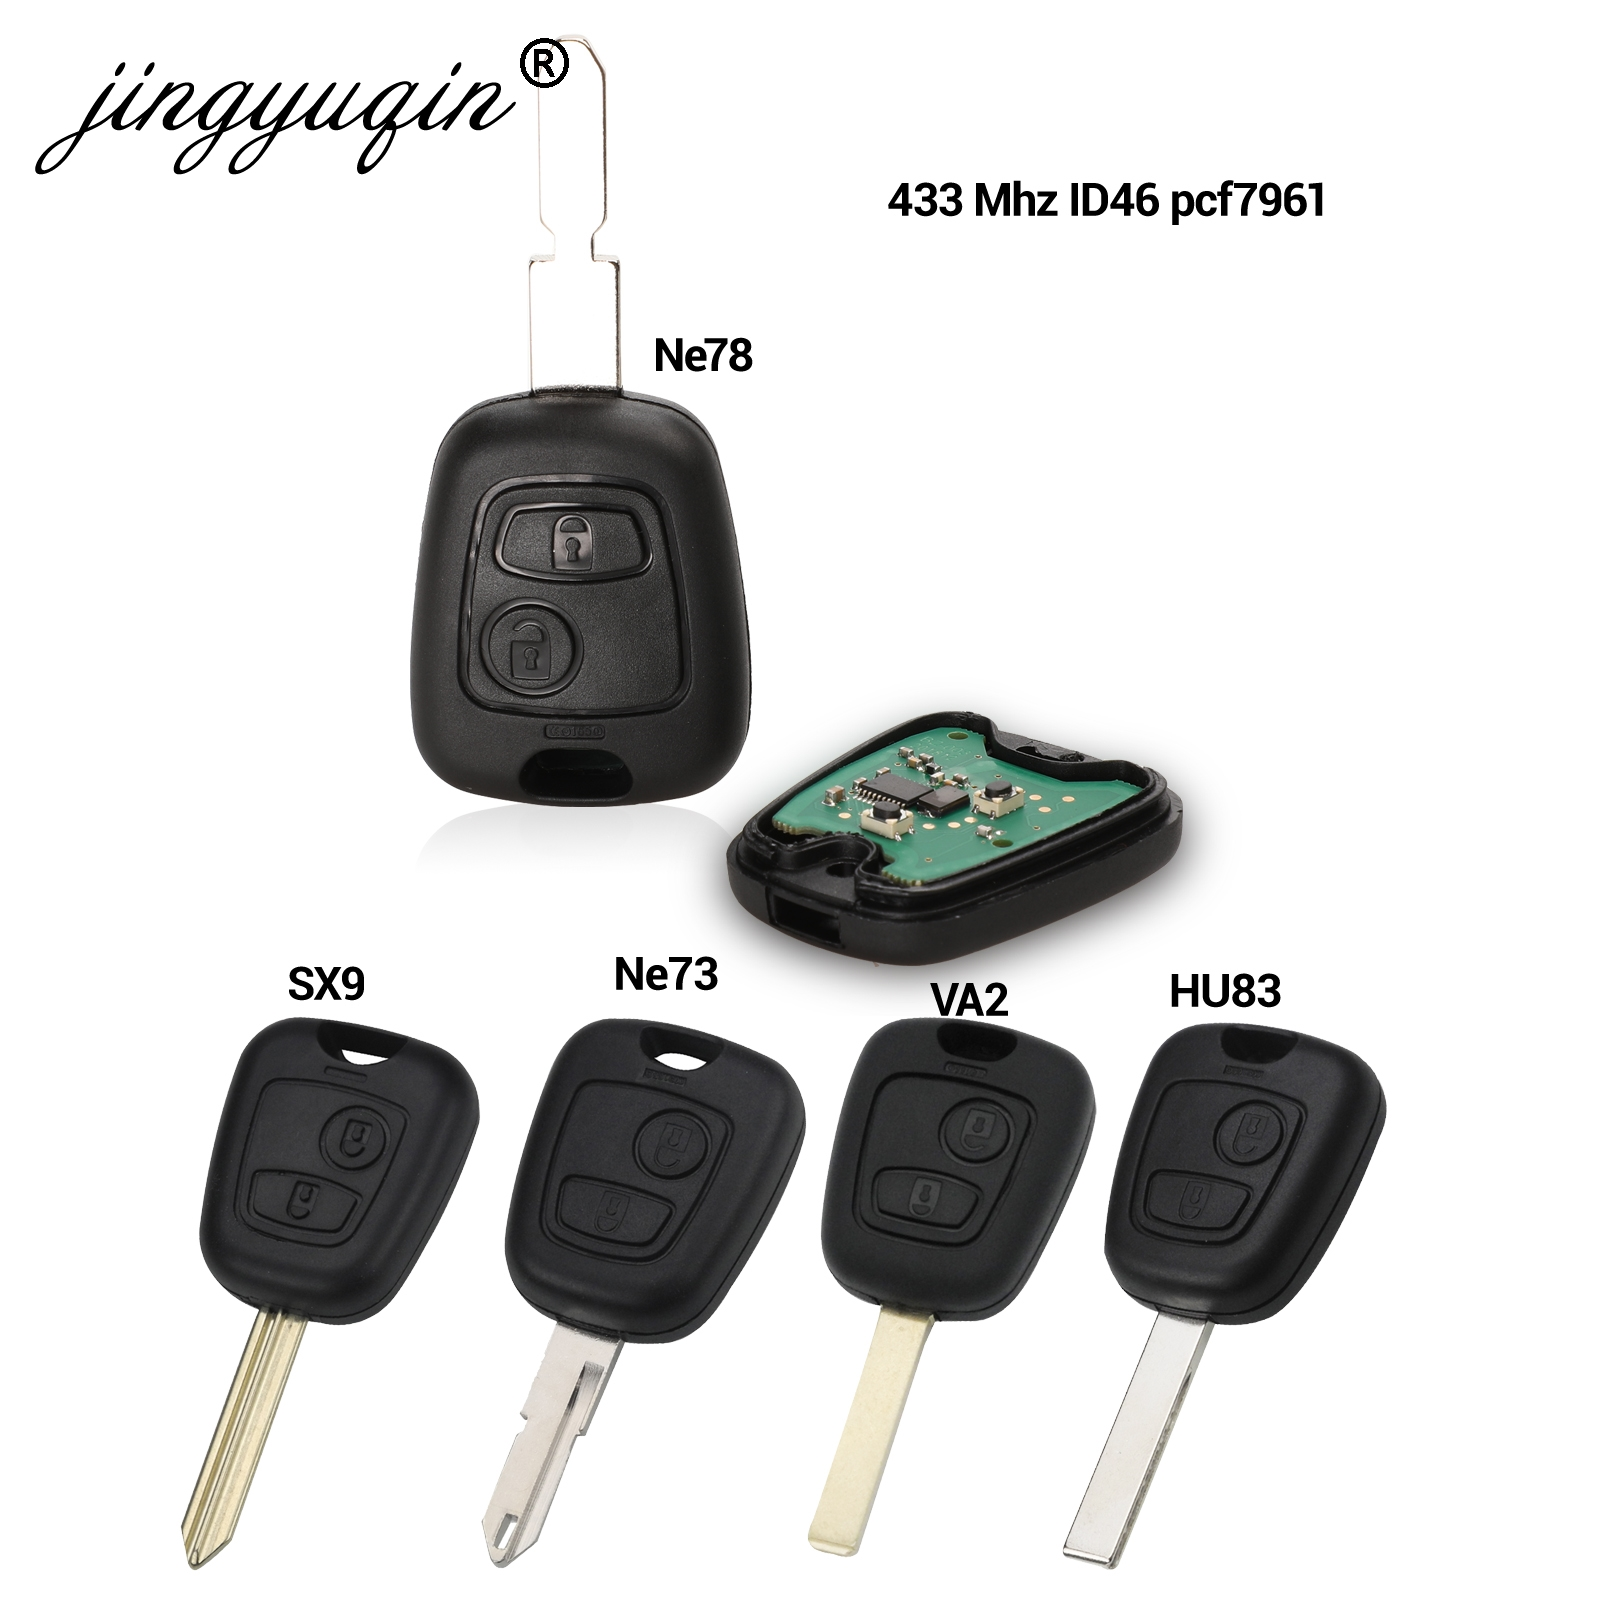 Botão do Controle Remoto Fob Chave Do Carro Para Citroen 2 C1 C2 C3 C4 Saxo Xsara Picasso Picasso Peugeot 106 206 306 307 107 207 407 Parceiro